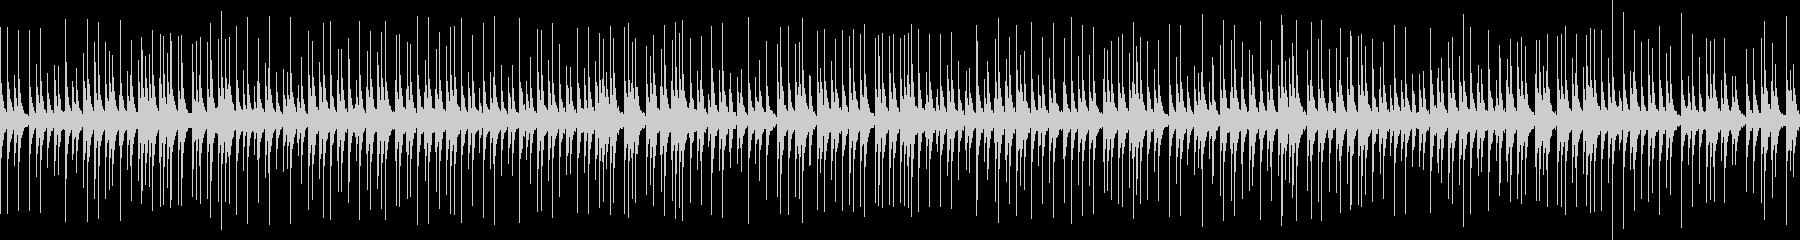 よく聴く伝統的な相撲の寄せ太鼓 ループの未再生の波形